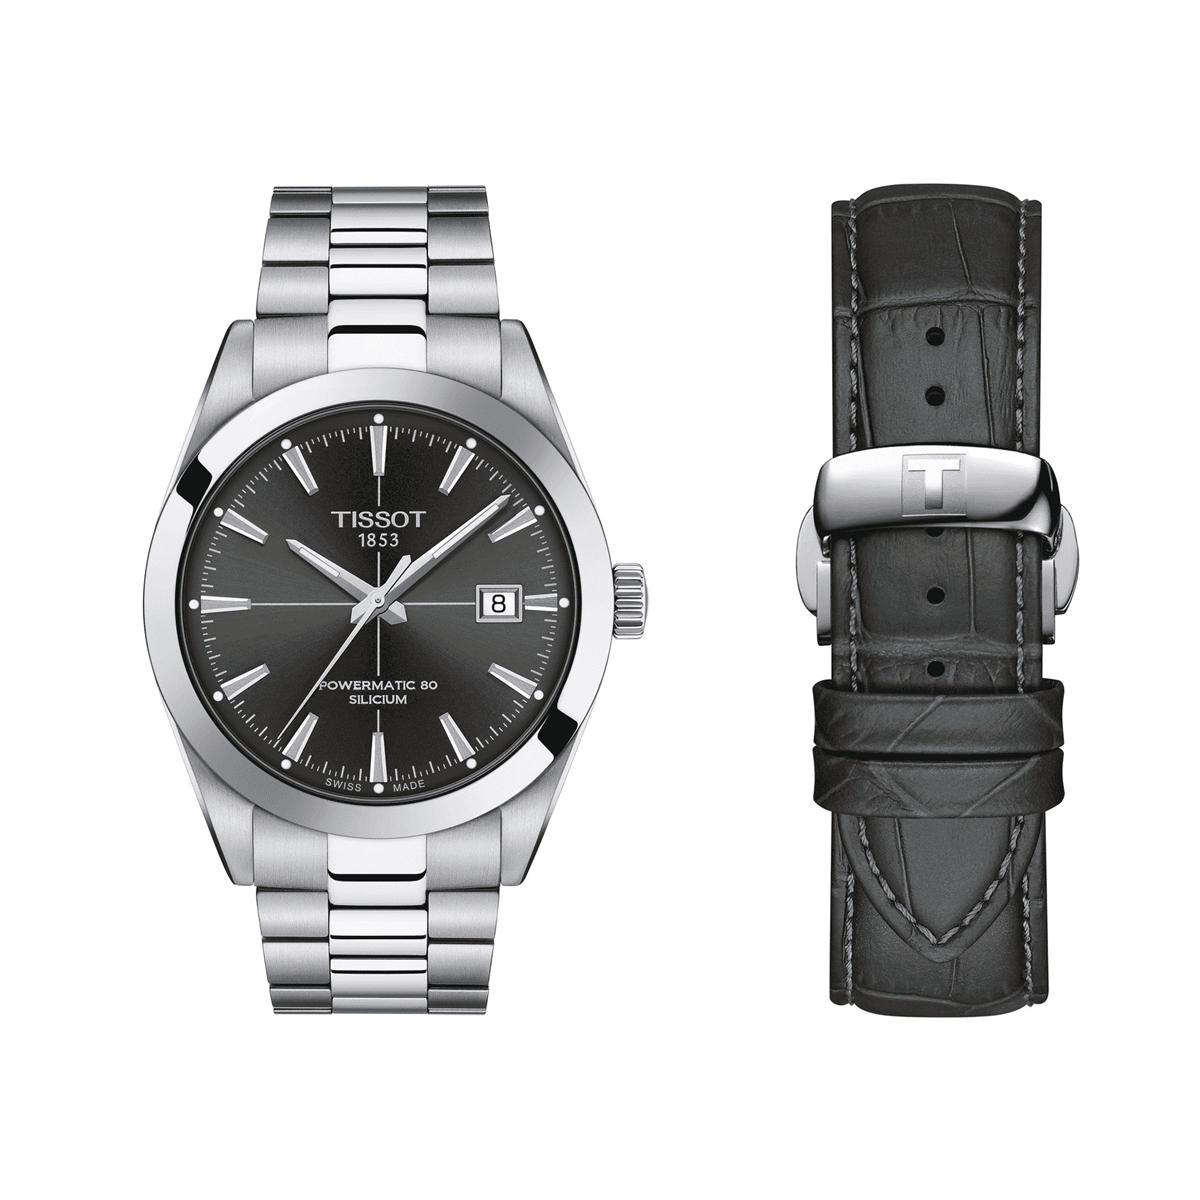 即納送料無料! 正規品 送料無料 機械式 メンズ ティソ TISSOT T127.407.11.061.00 シリシウム ジェントルマン 格安 日本限定500本 パワーマティック80 腕時計